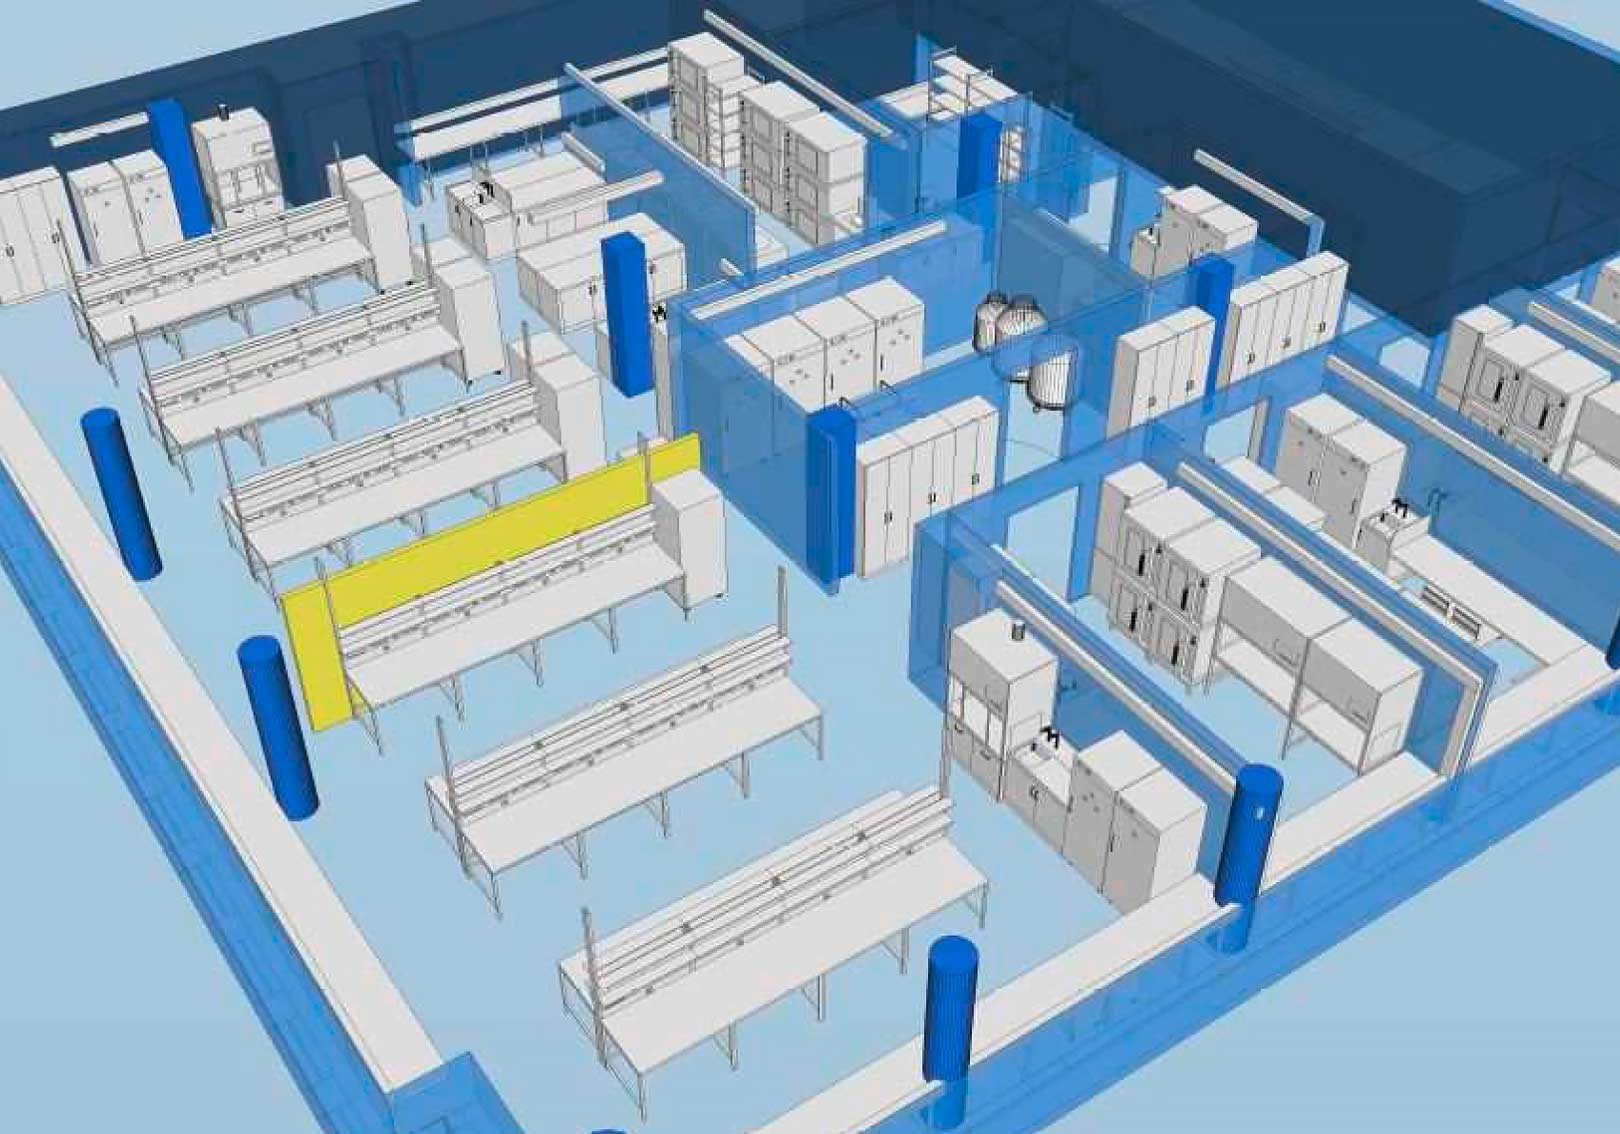 Labortechnische Fachplanung mit BIM